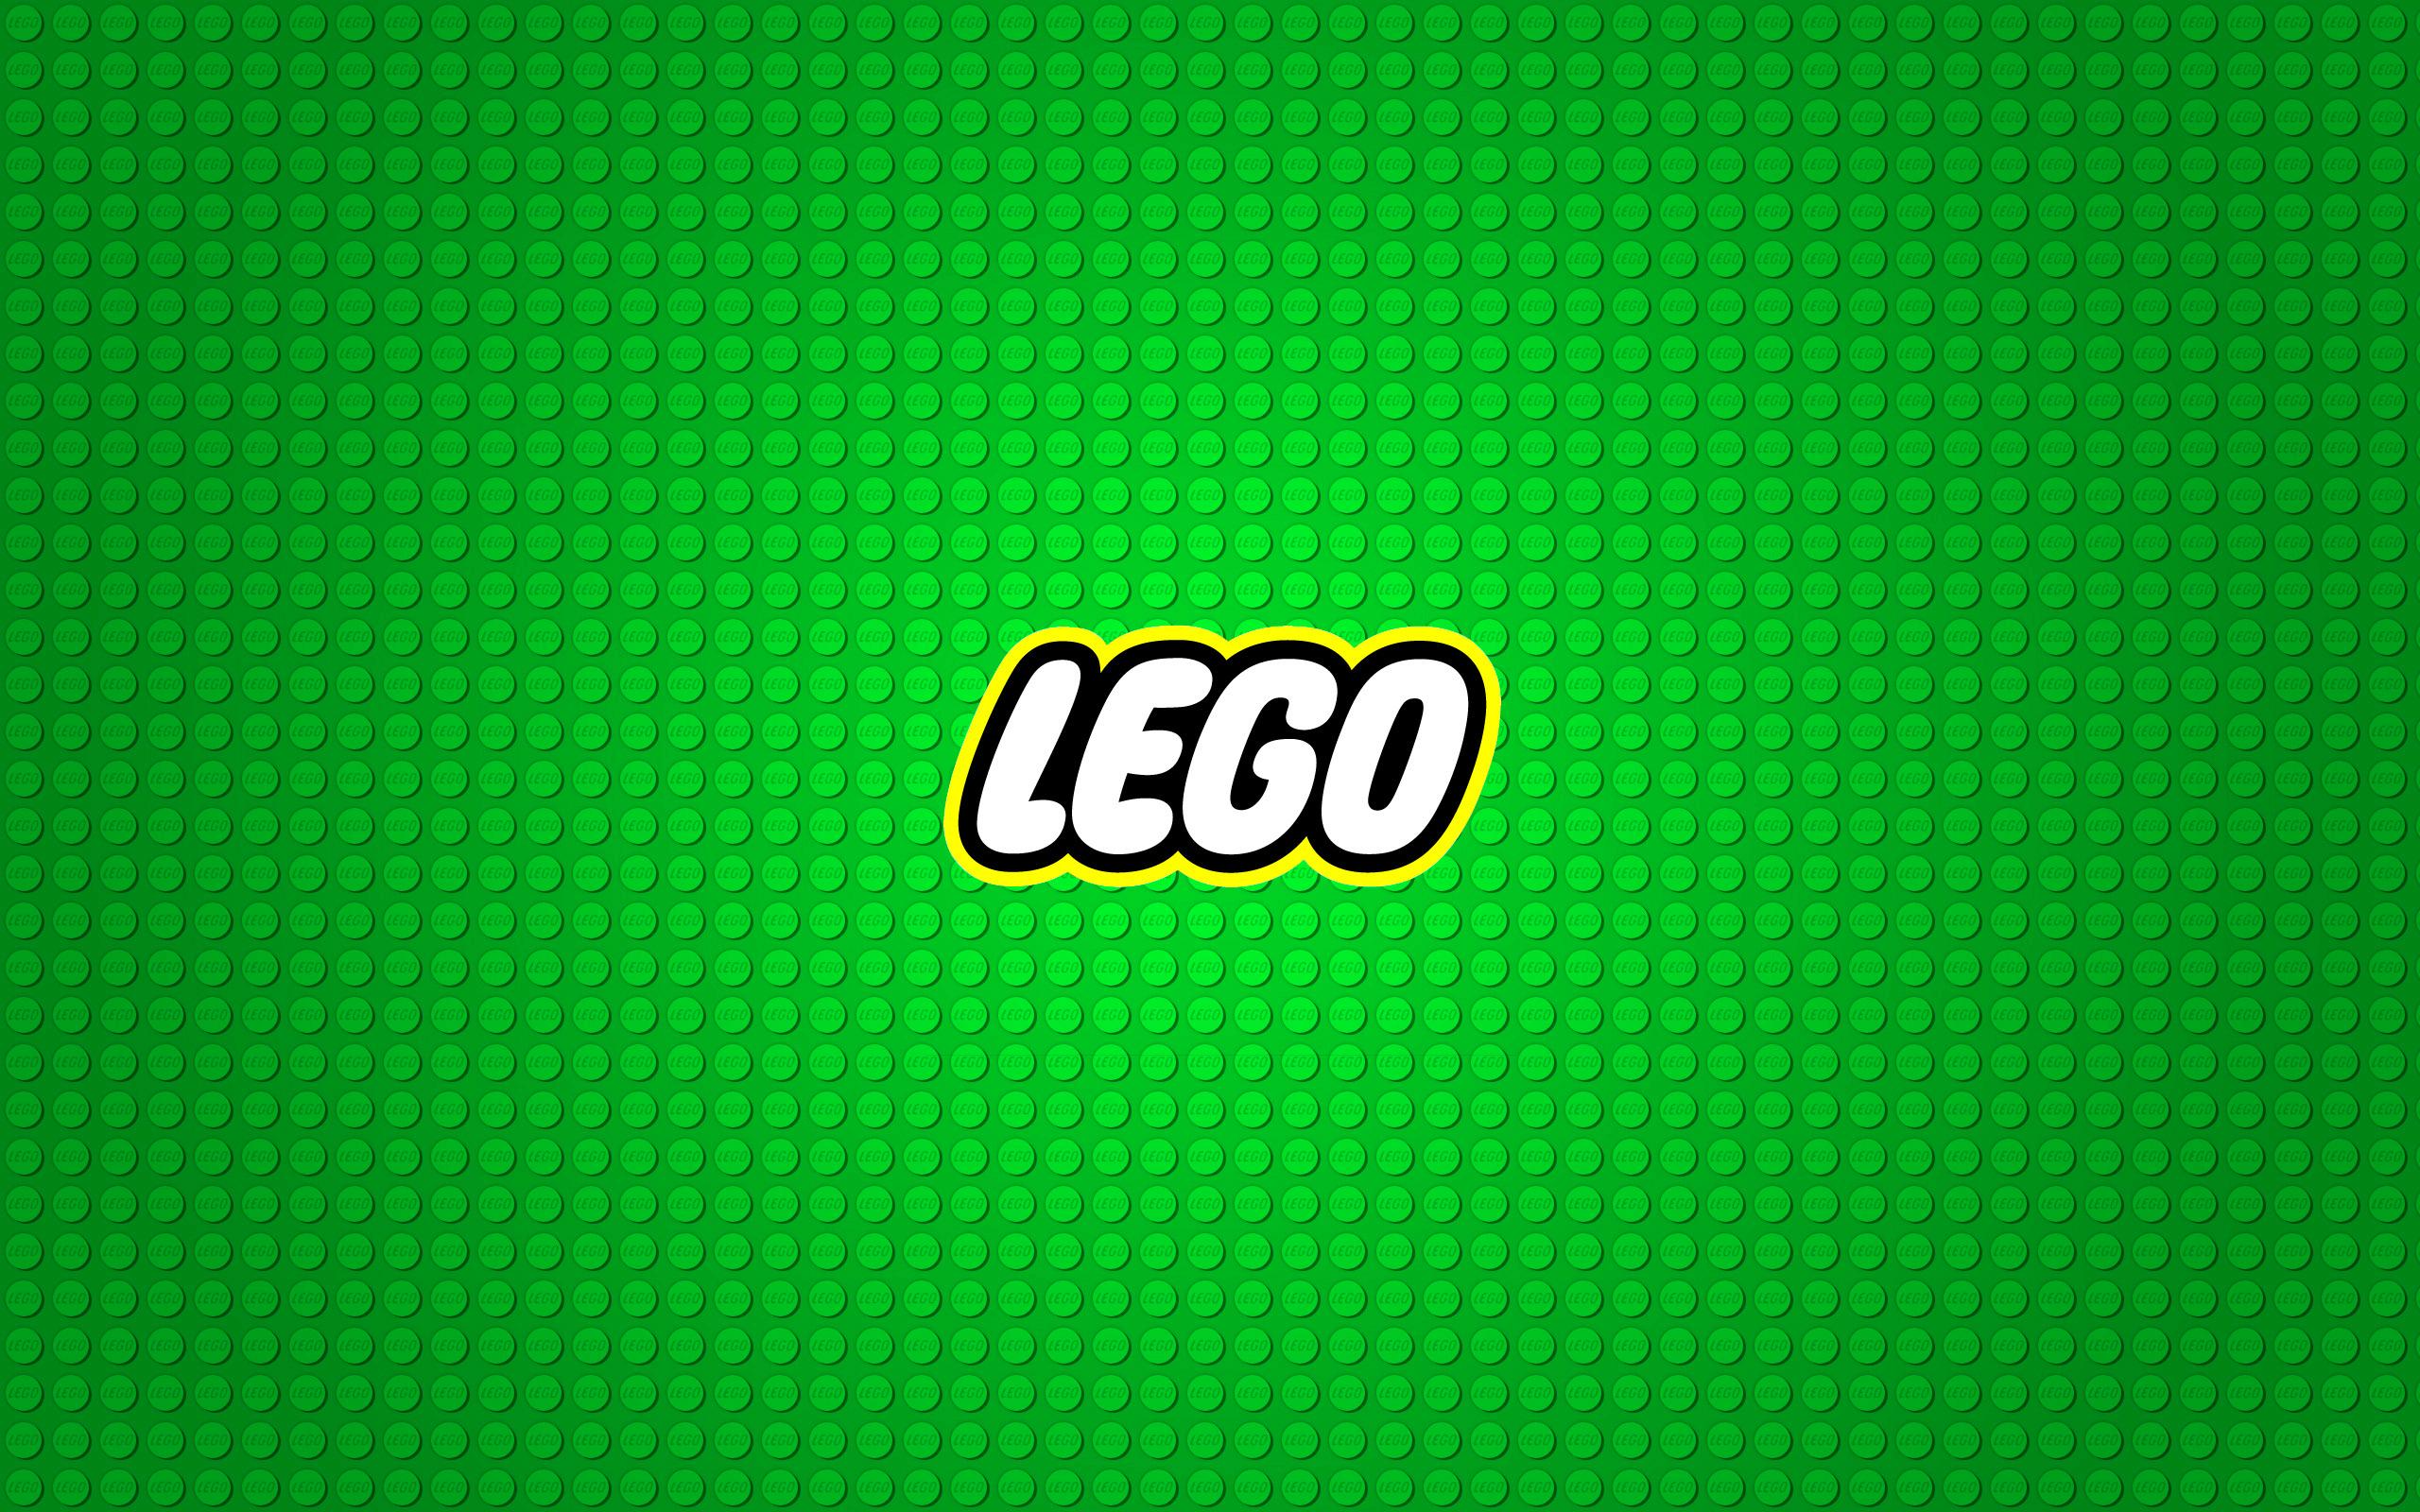 Lego Wallpaper